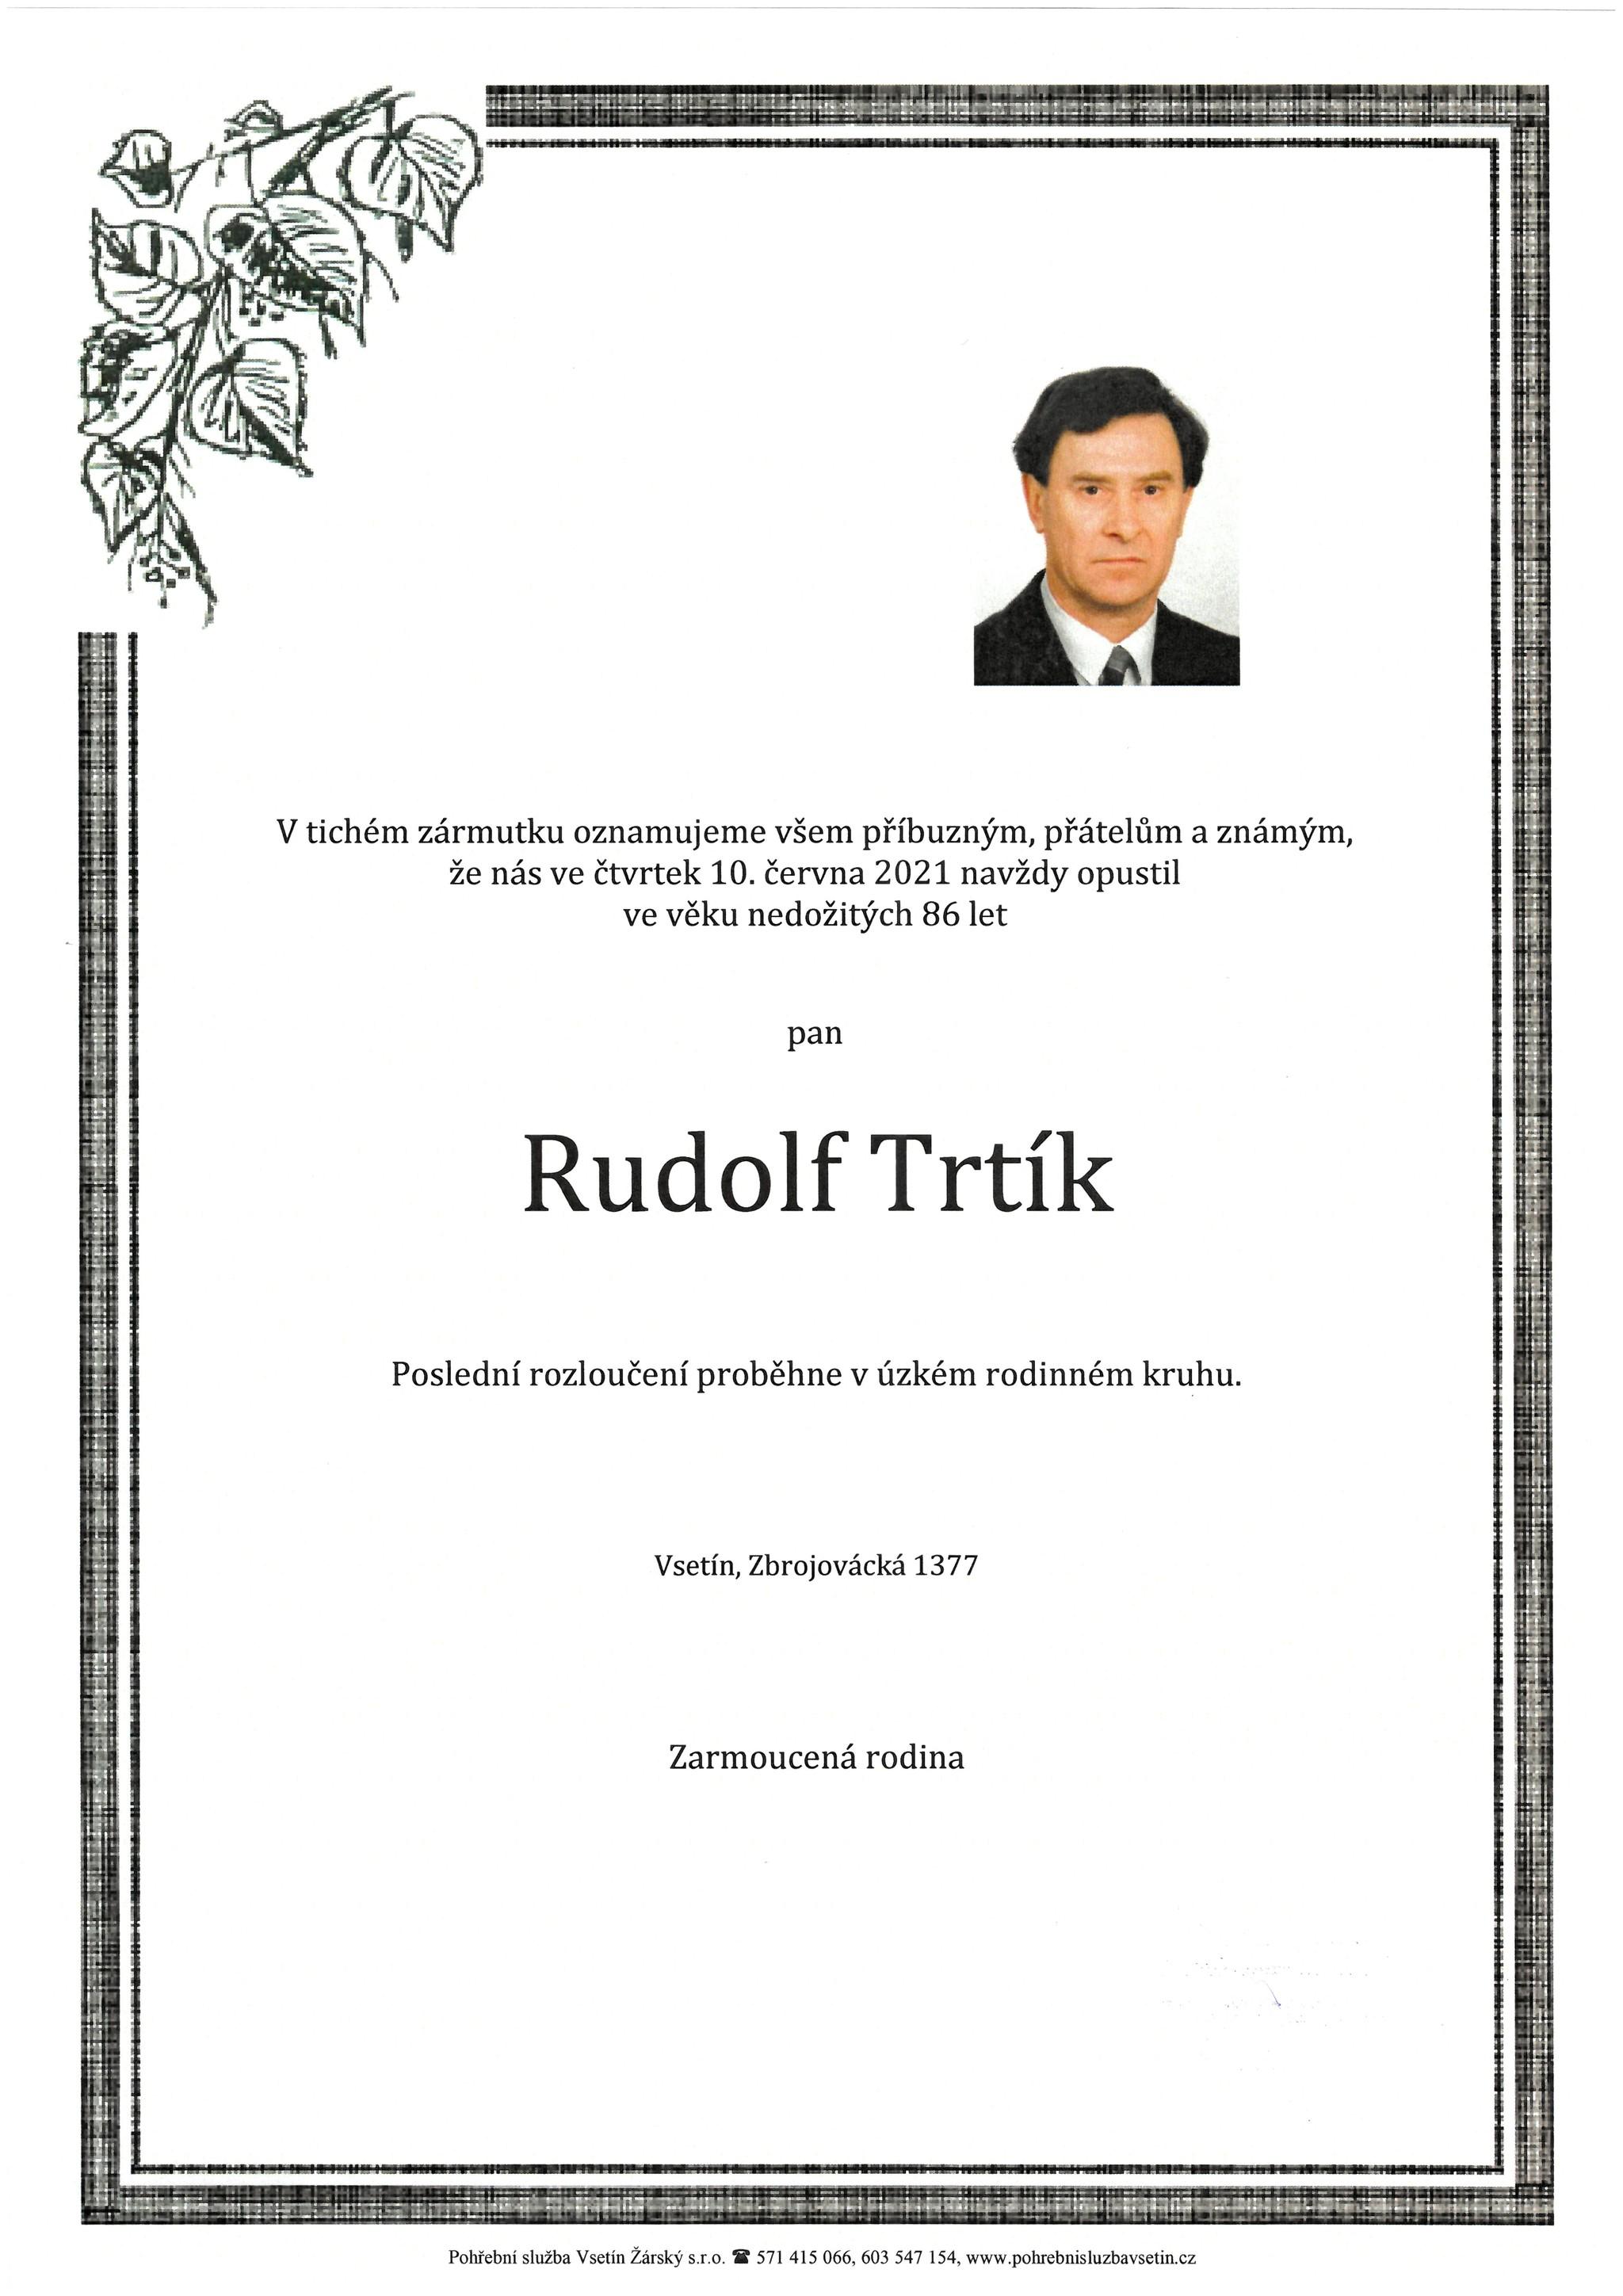 Rudolf Trtík